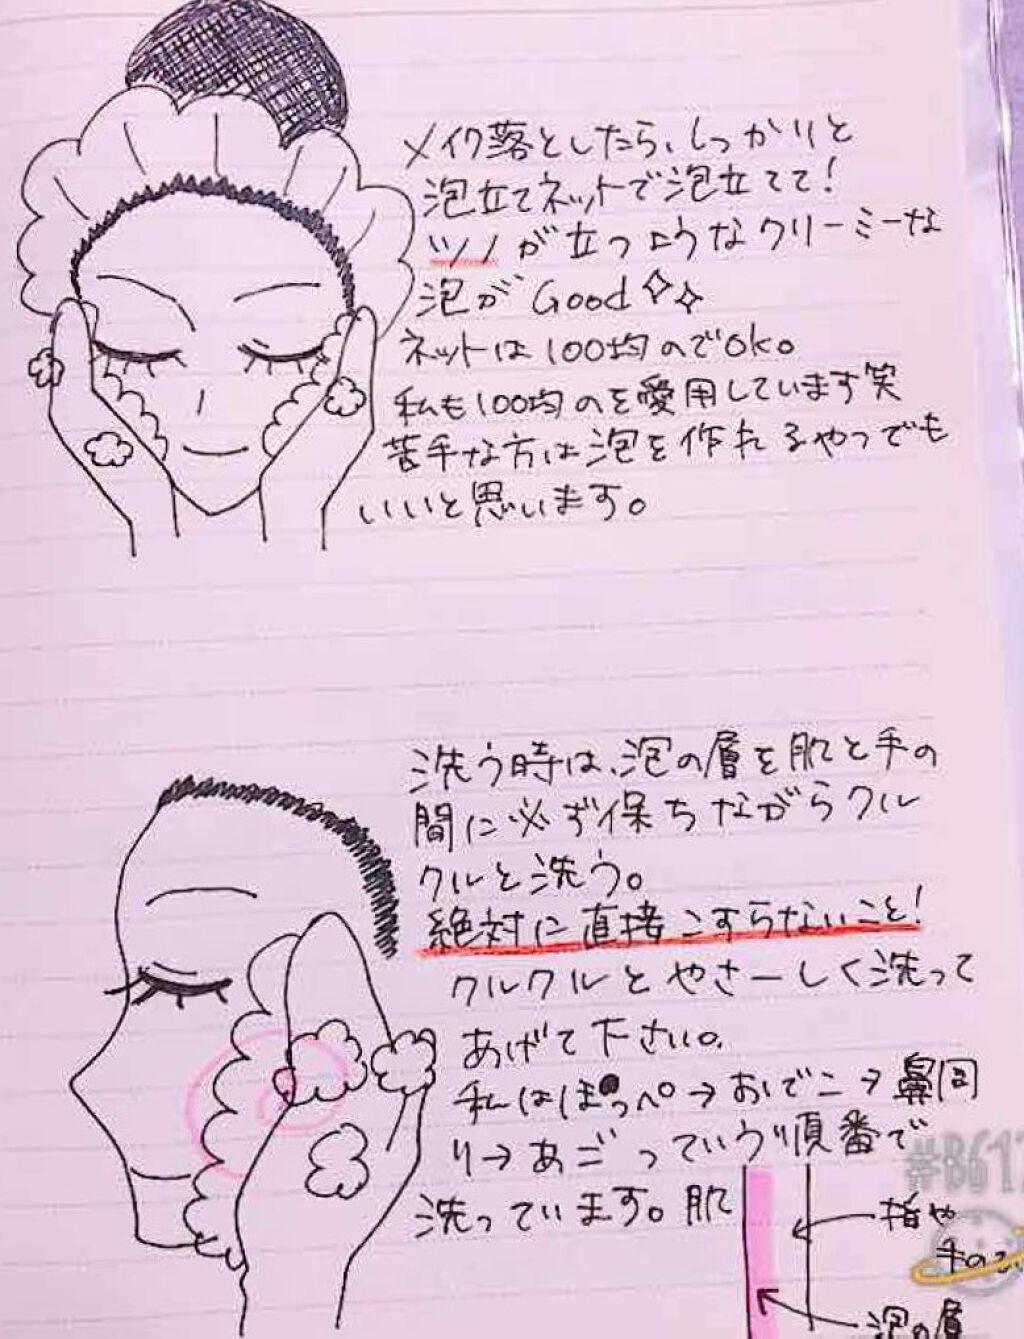 「クレイ洗顔でクリアな毛穴!クレイ洗顔口コミ人気のおすすめ21選 毎日使える洗顔料や効果的な使い方とは」の画像(#162119)